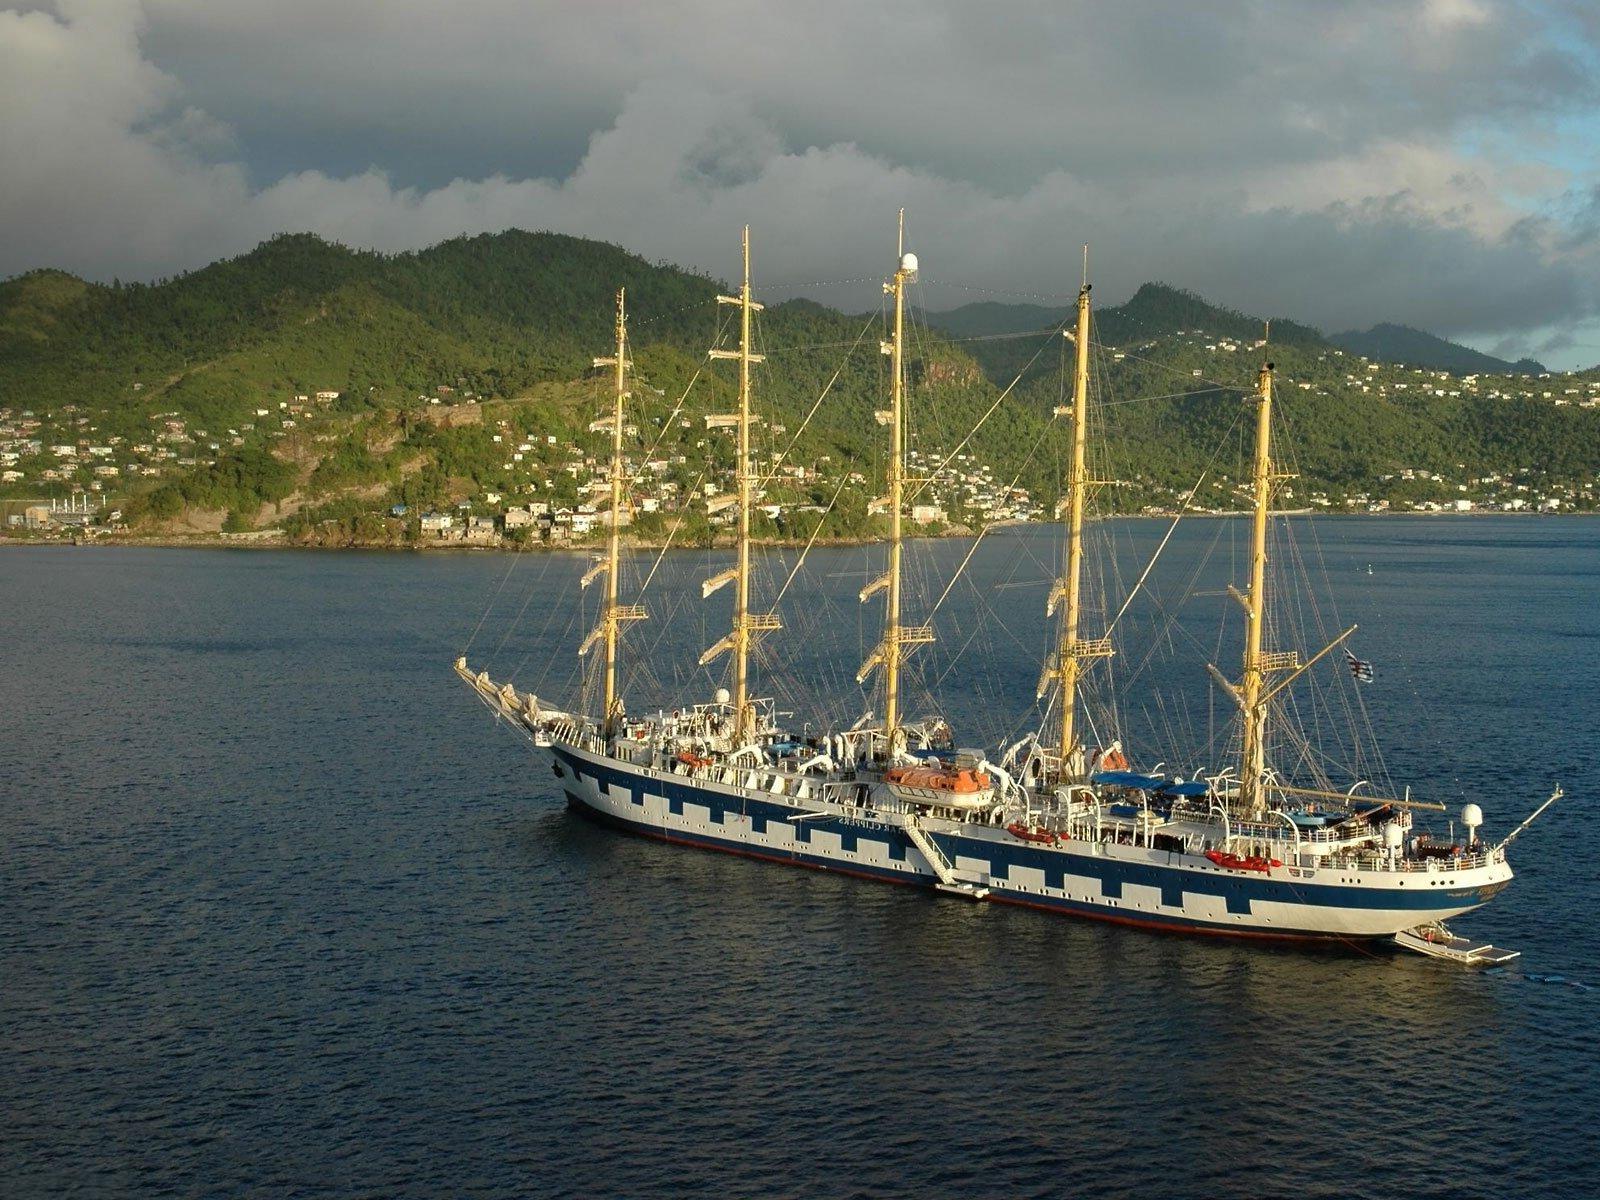 фото парусных яхт для обоев